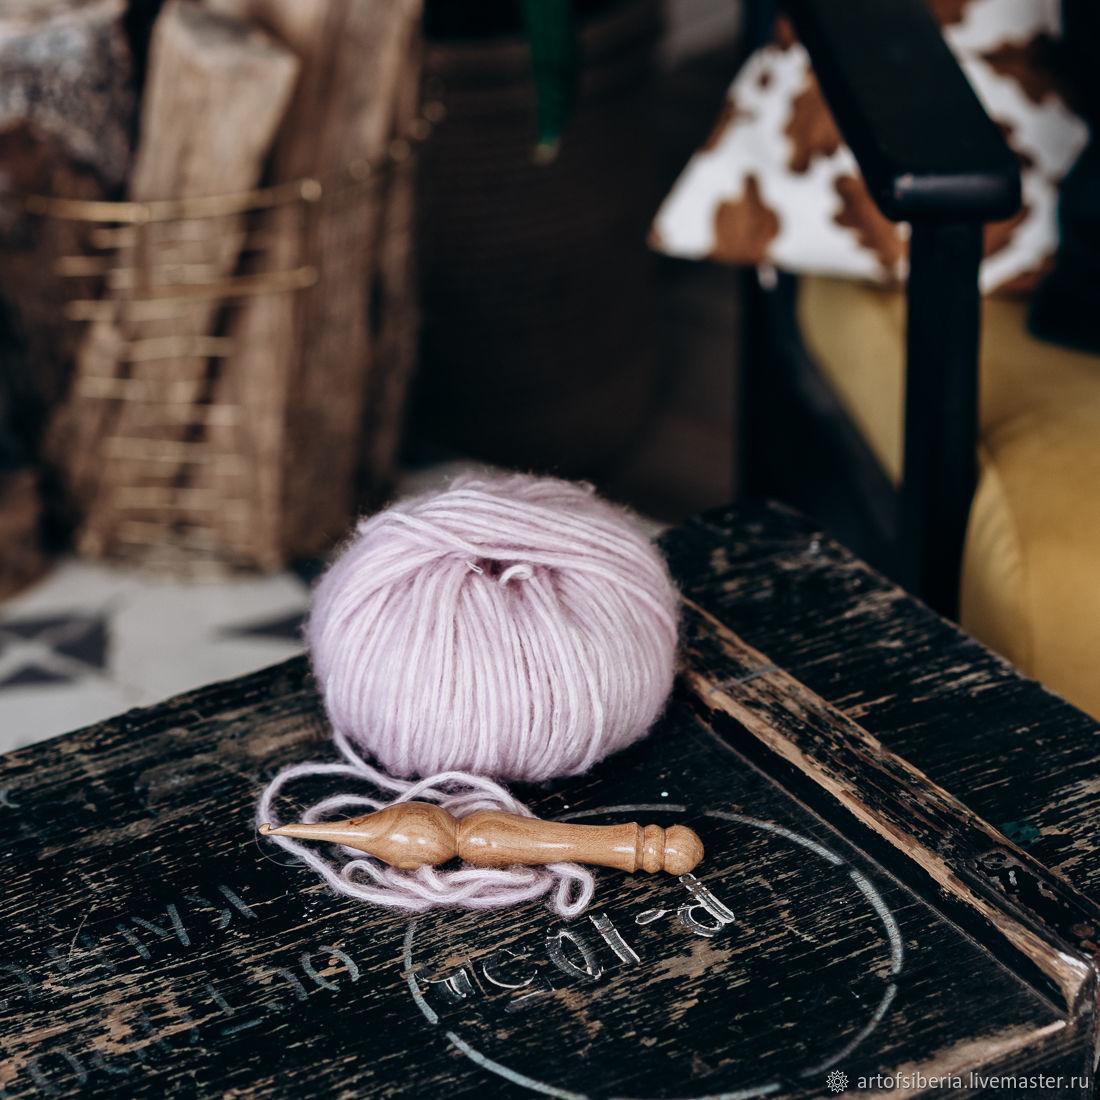 Wooden crochet hook 4mm (elm) crochet hooks K159, Crochet Hooks, Novokuznetsk,  Фото №1